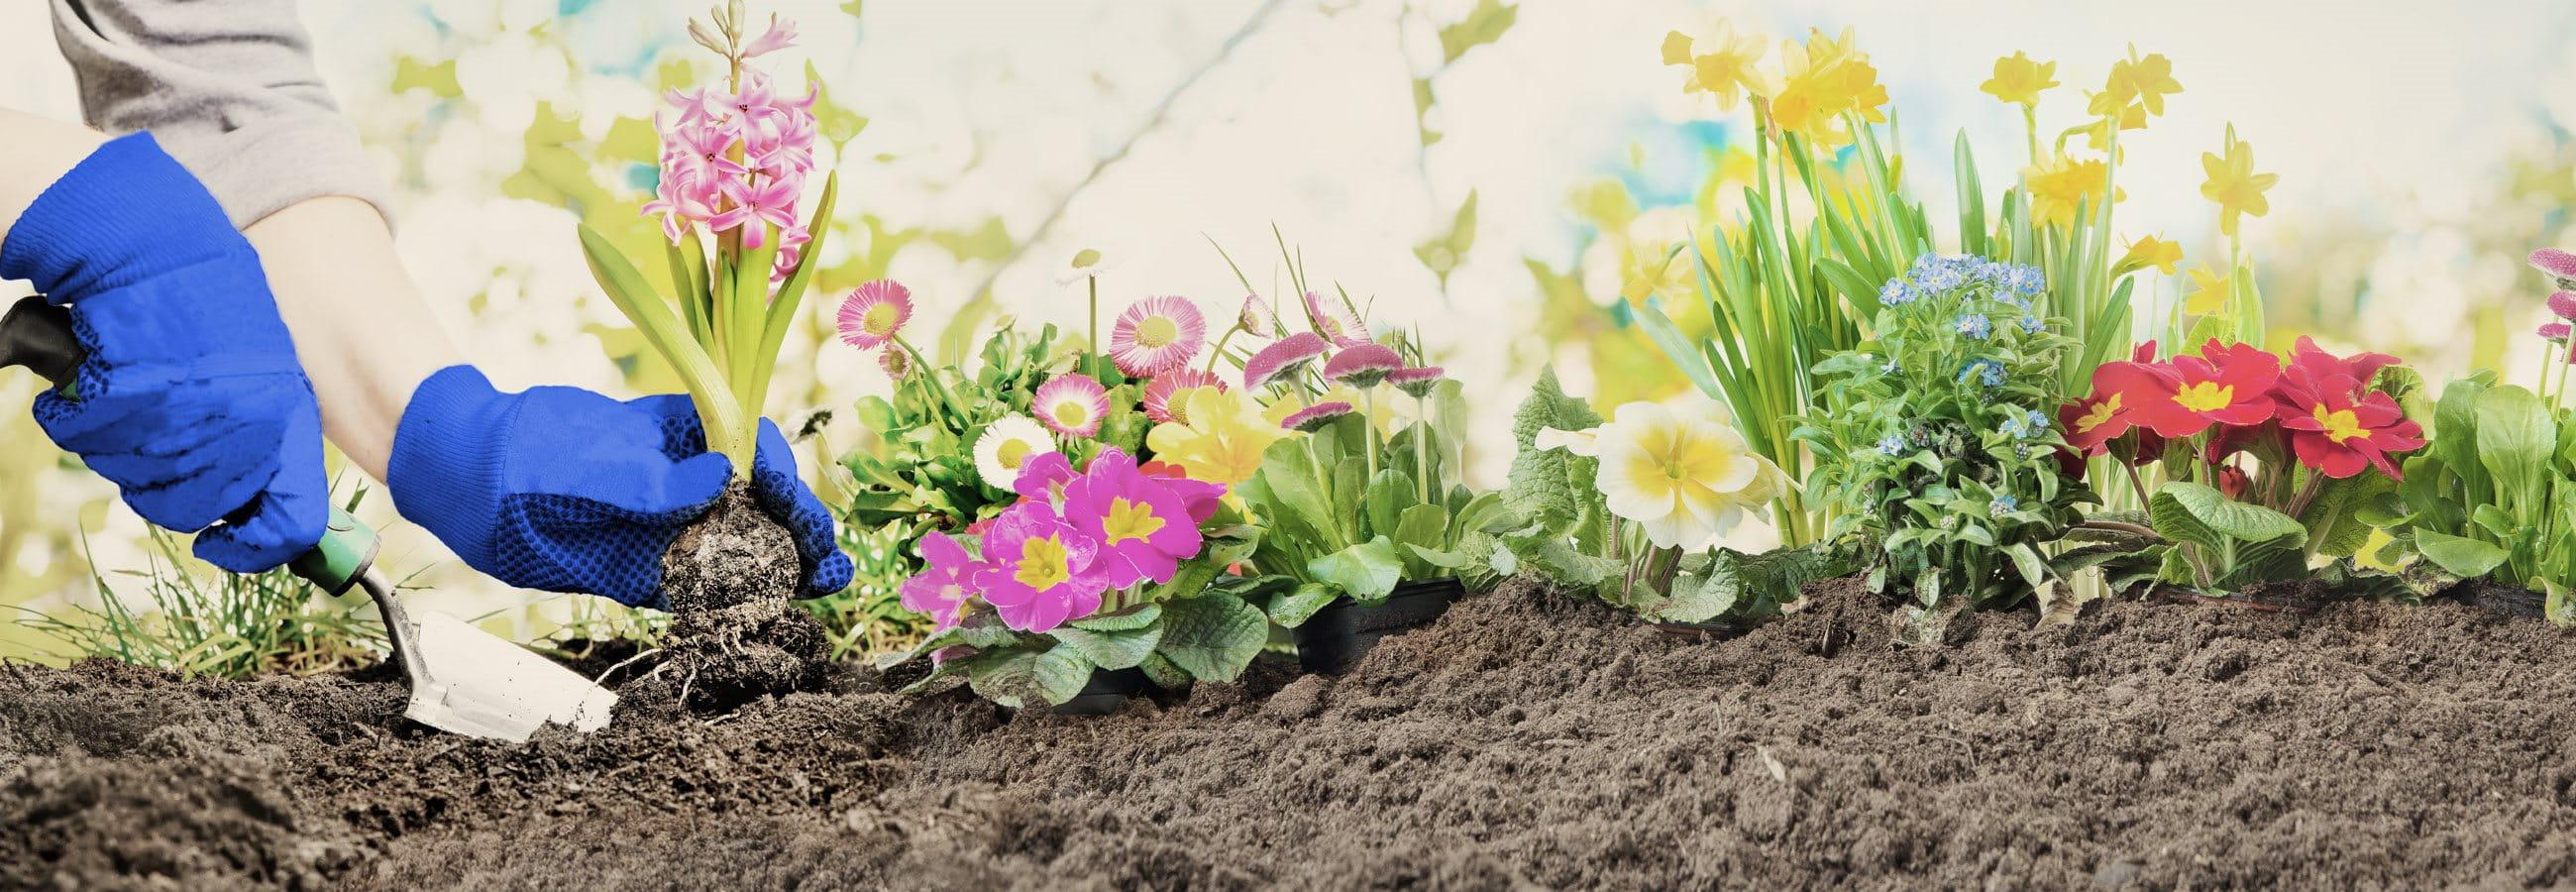 le jardinage avec des fleurs